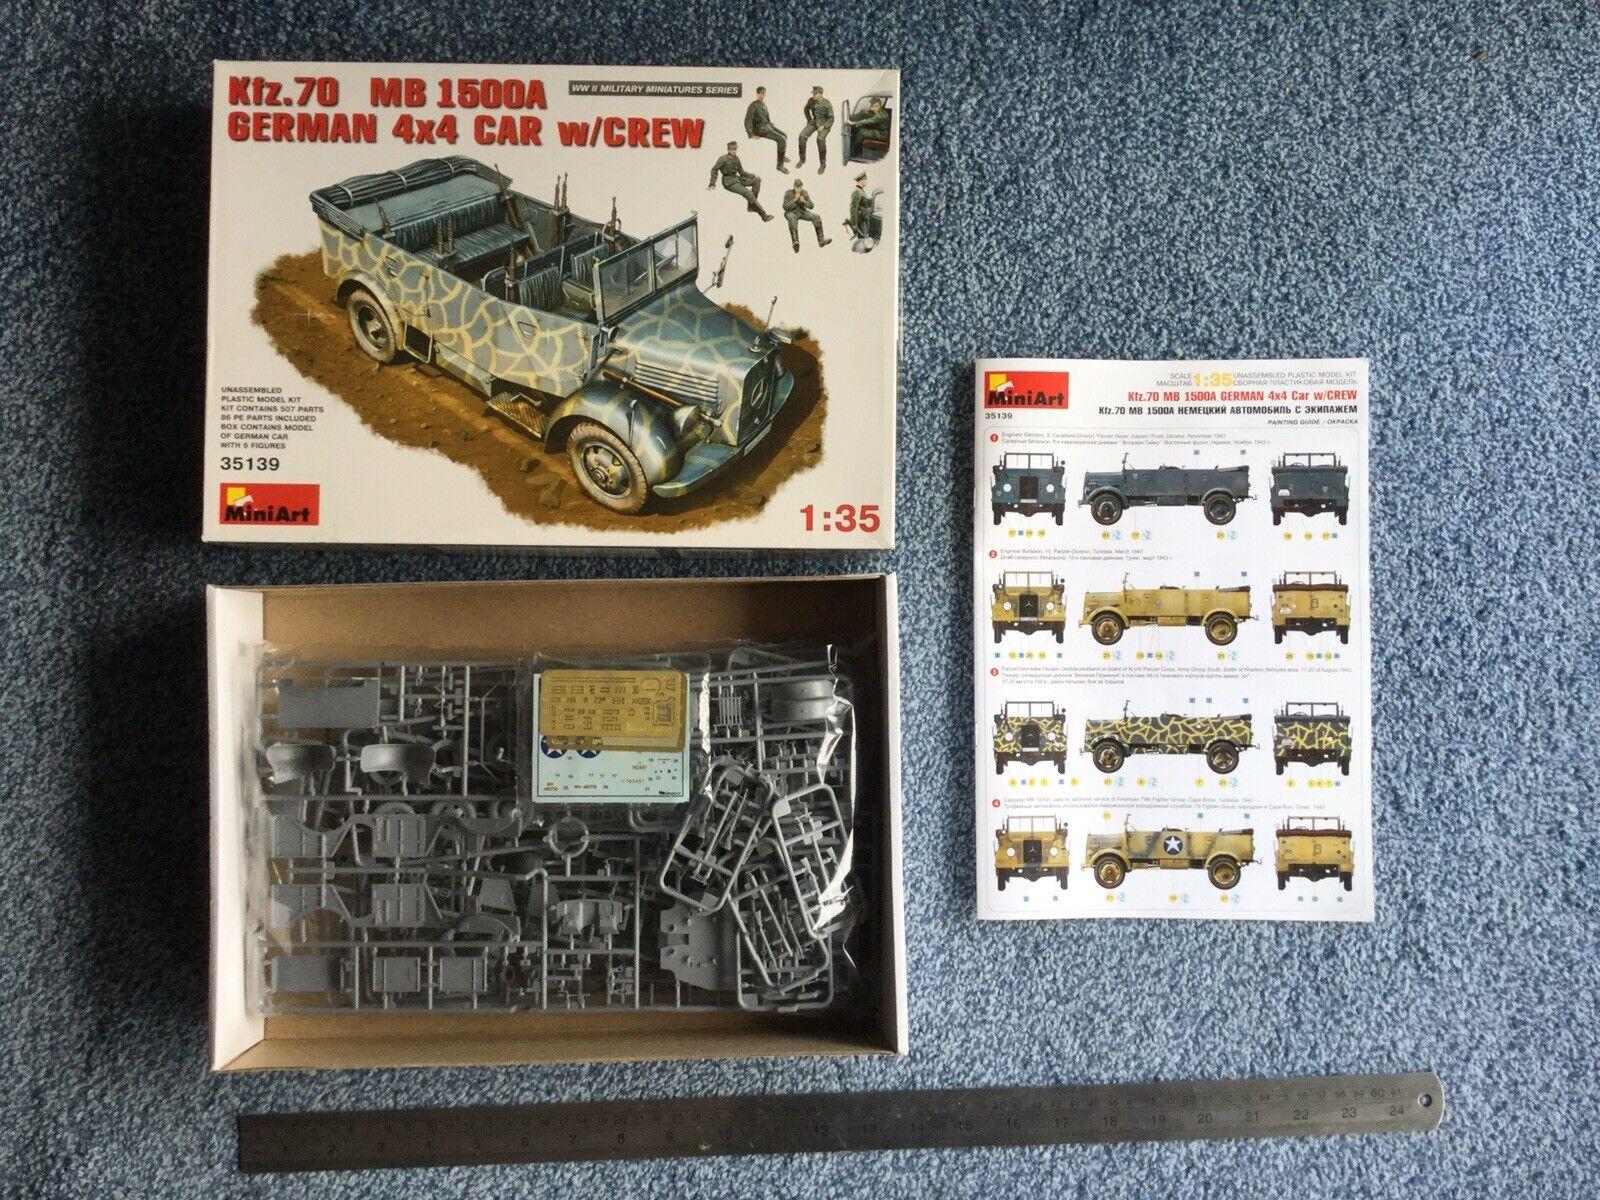 Minikonst 1 35 Kfz.70 (MB 1500A) Tyska 4x4 Bil w   Crew kit